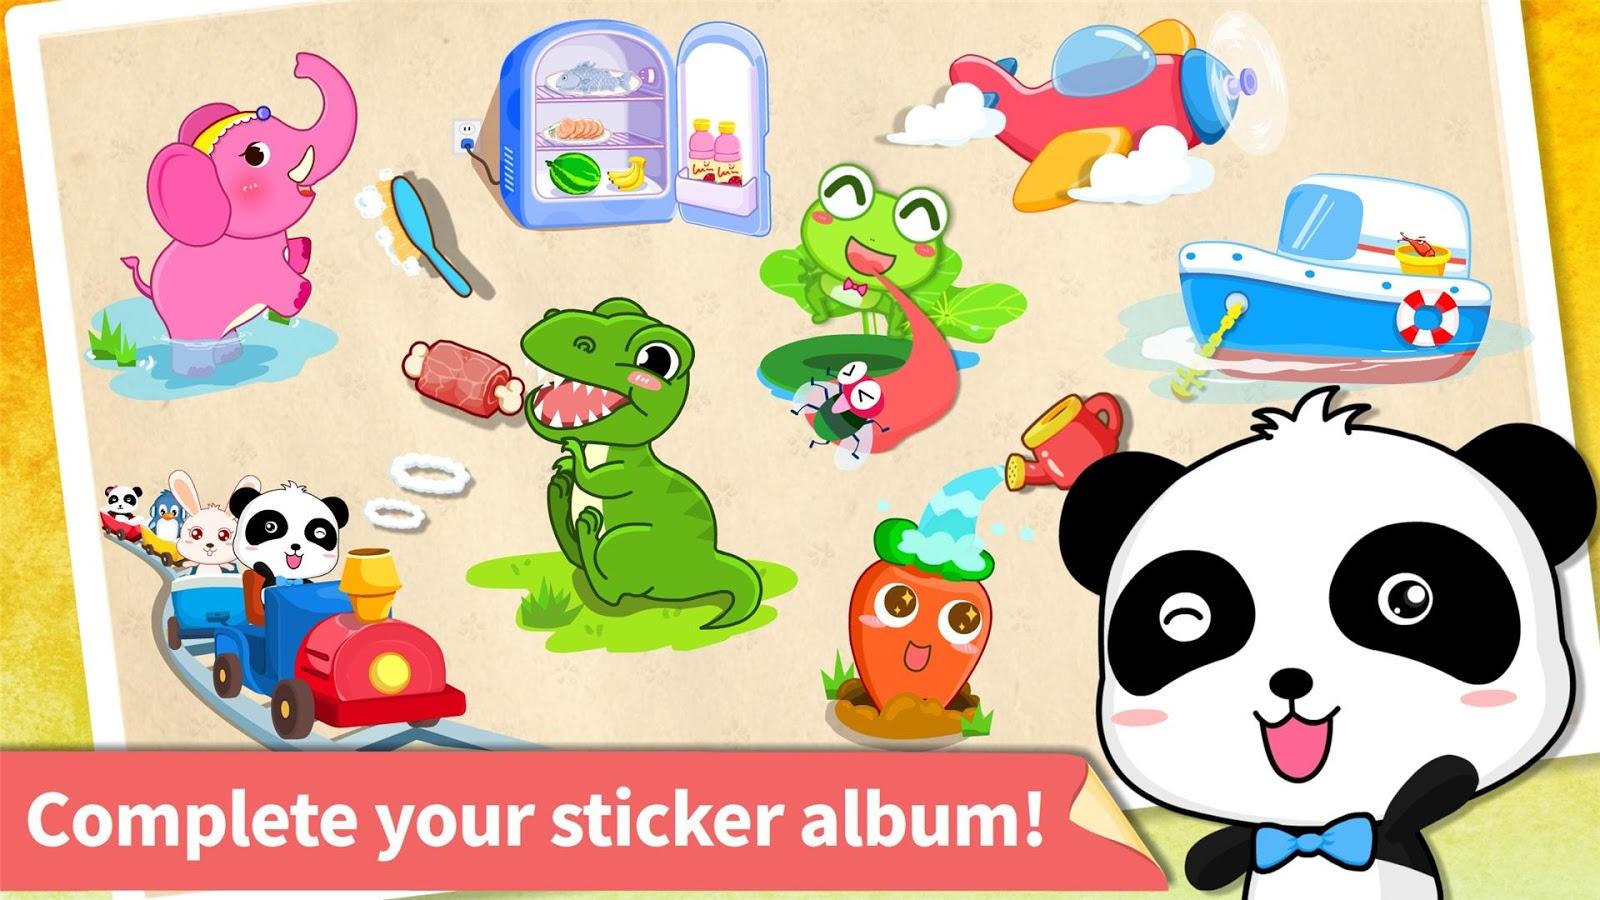 Animated stickers my album 8 8 7 30 screenshot 2